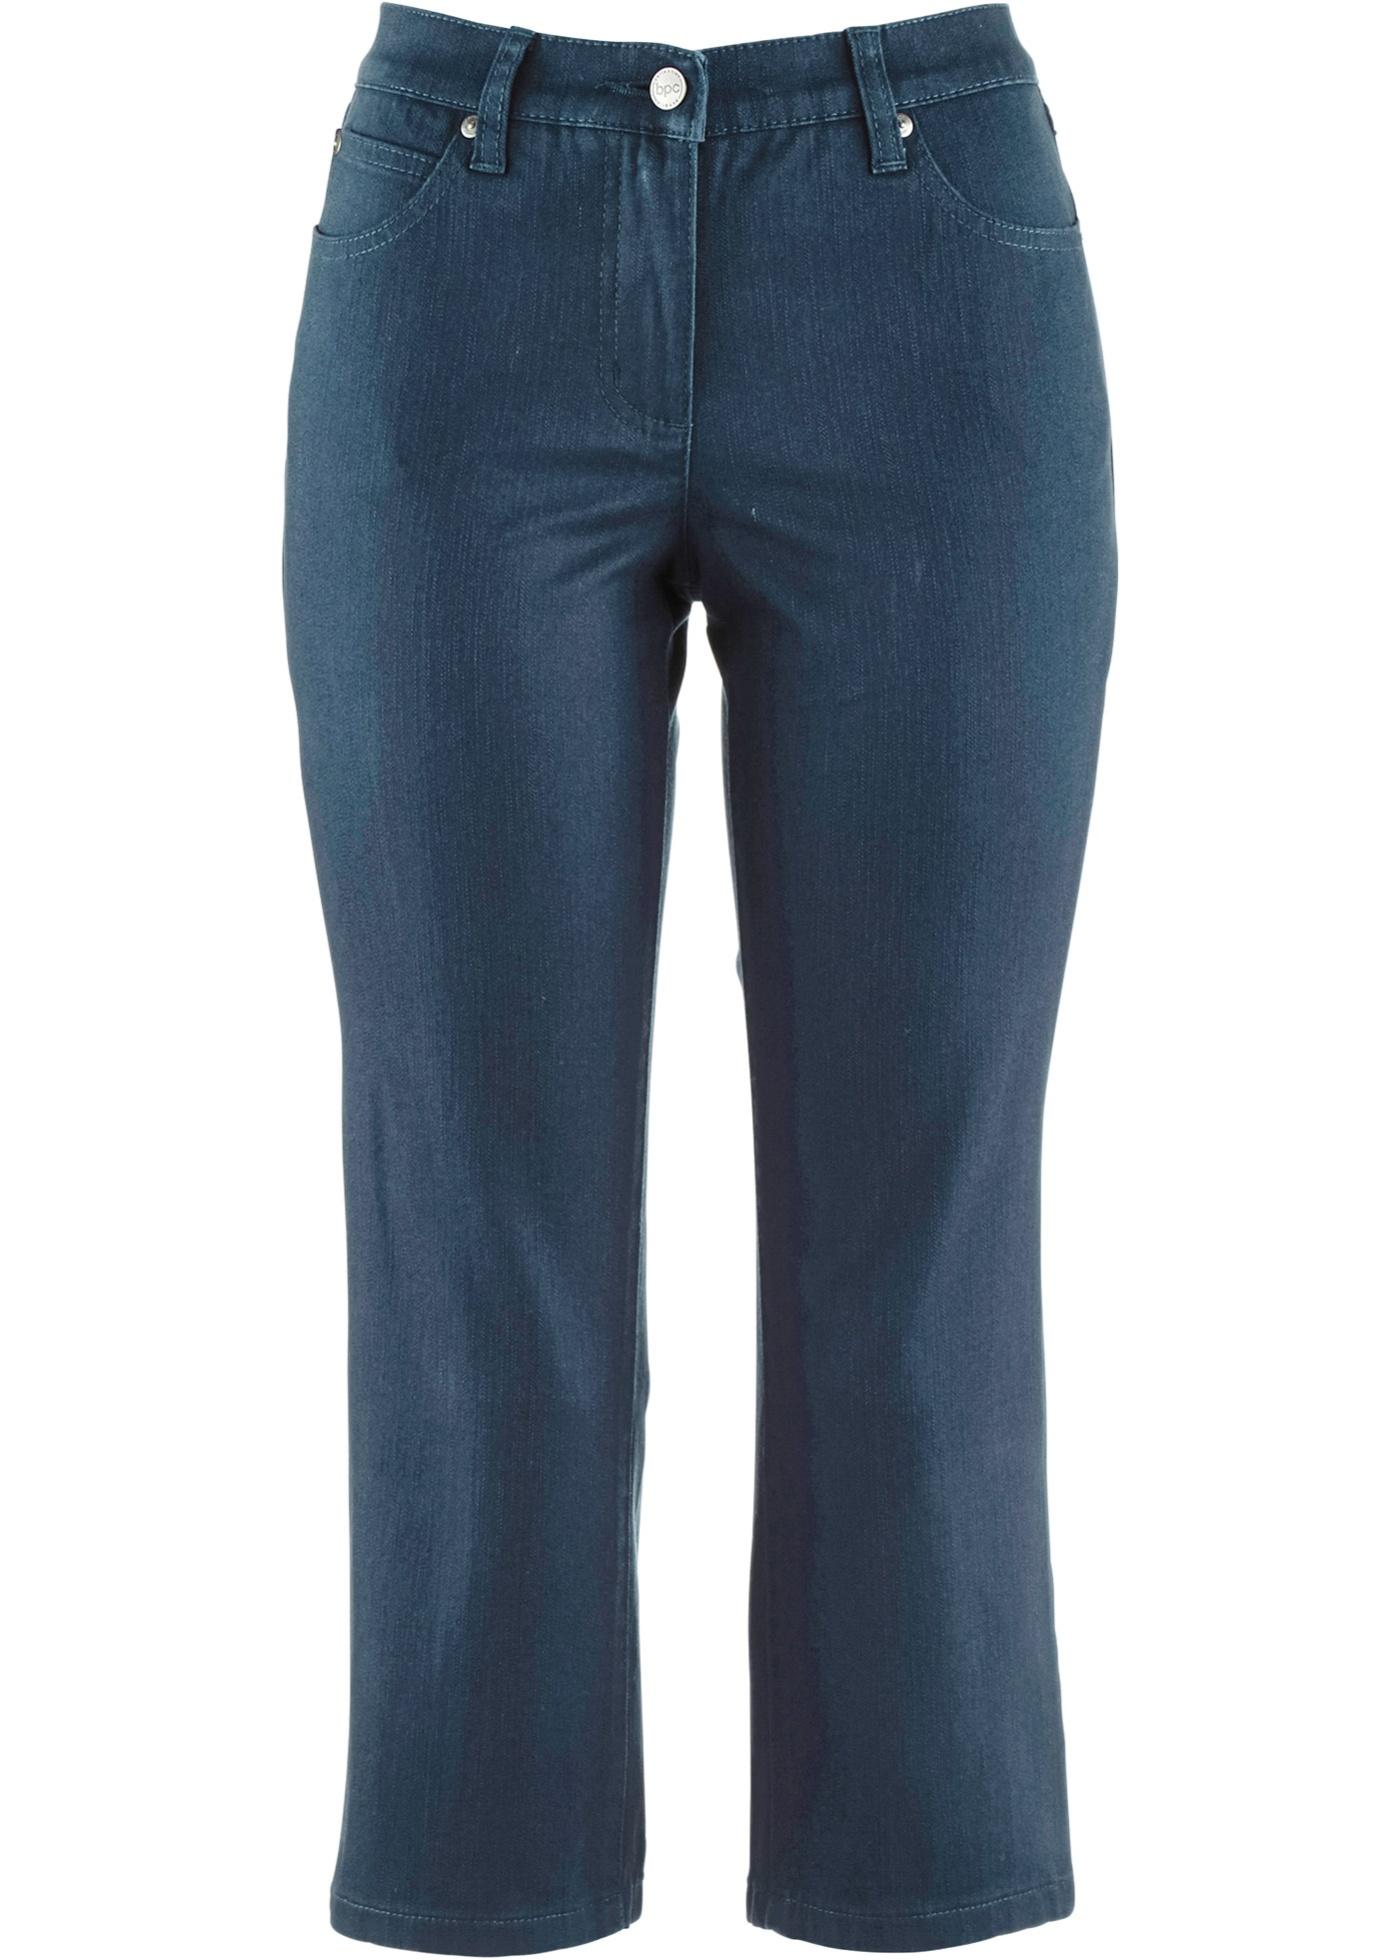 Pantalon extensible 3/4 en twill structuré